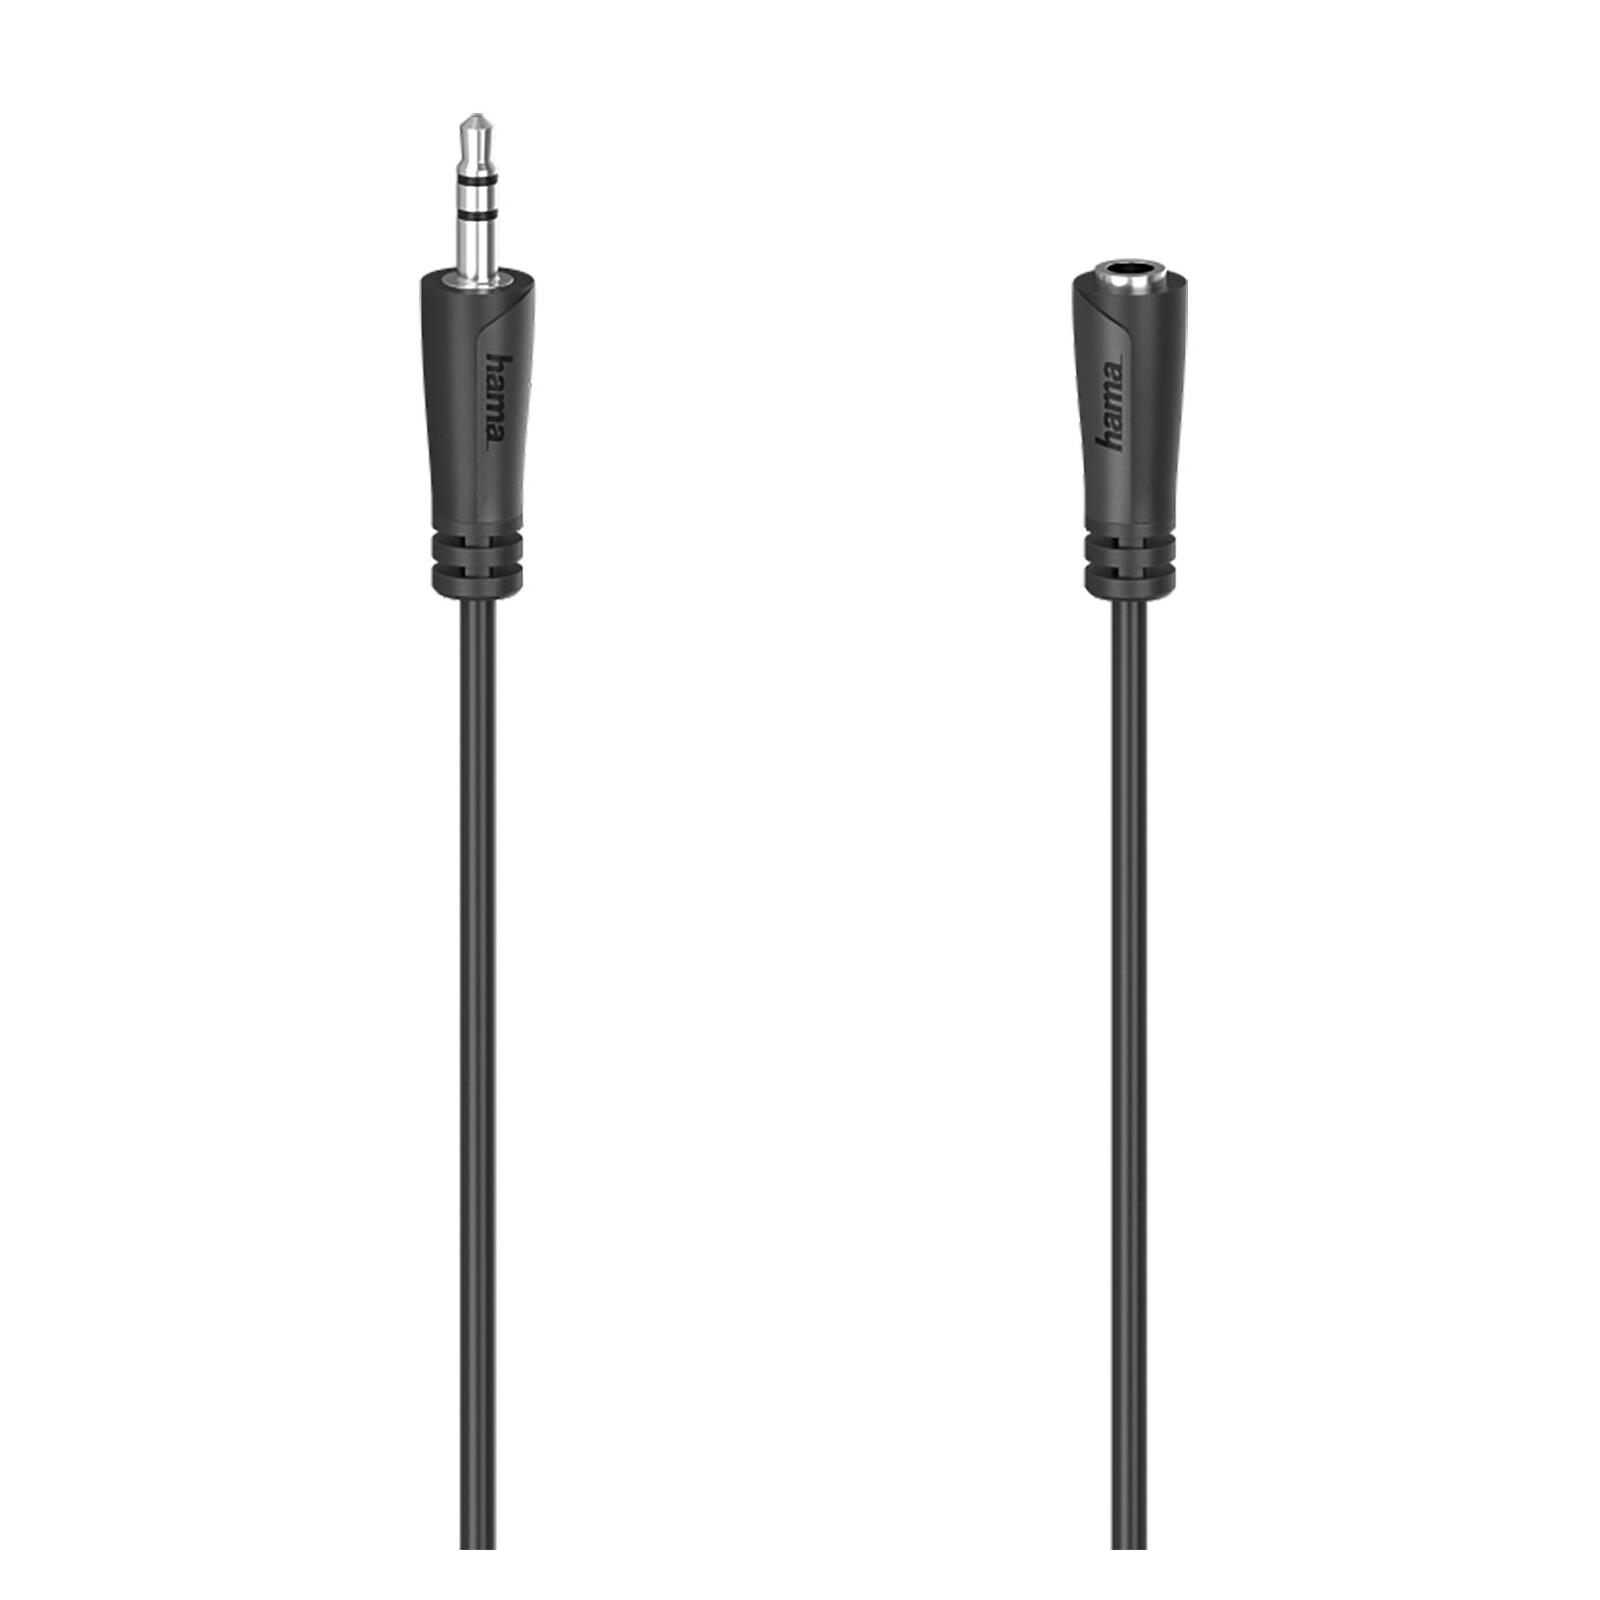 Hama 205121 Audio-Verlängerungskabel 5m